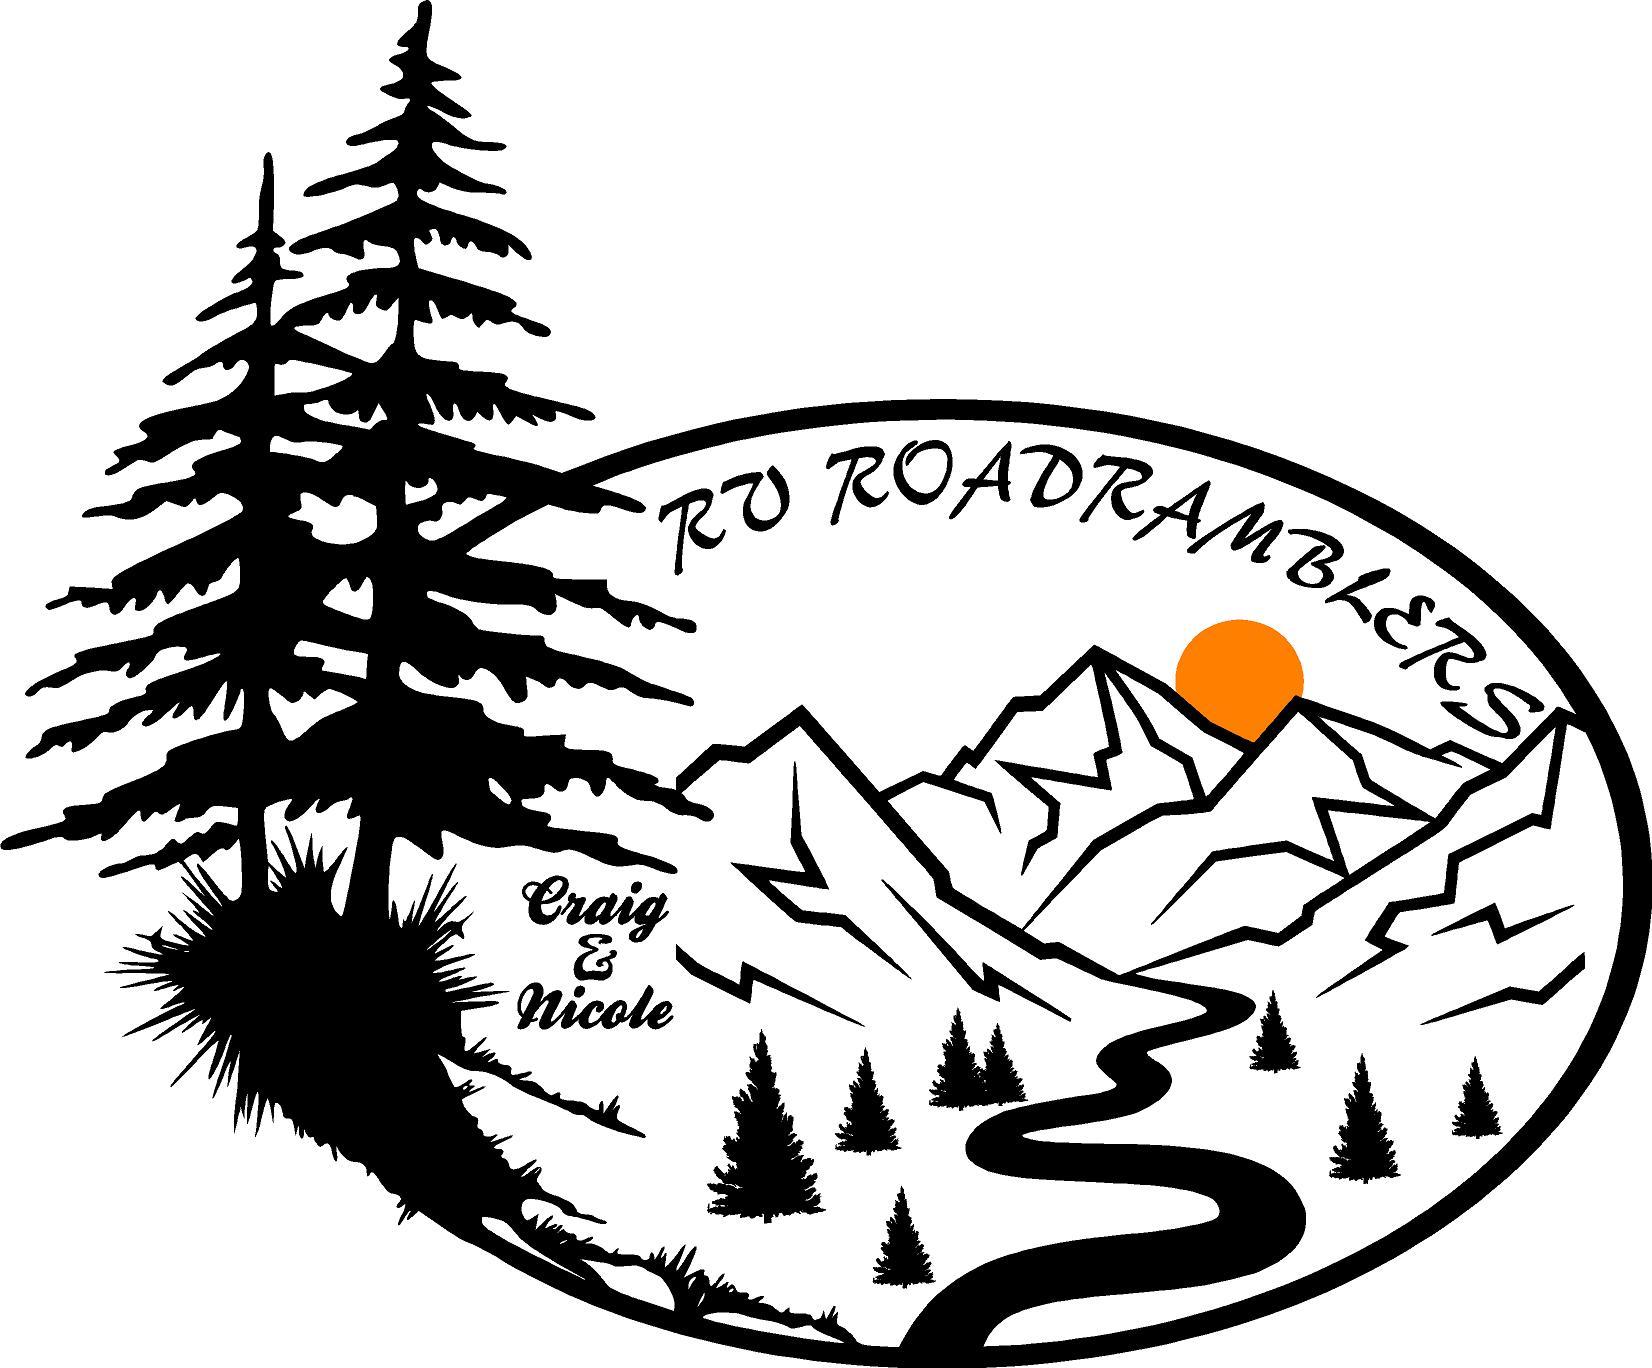 RVRoadramblers